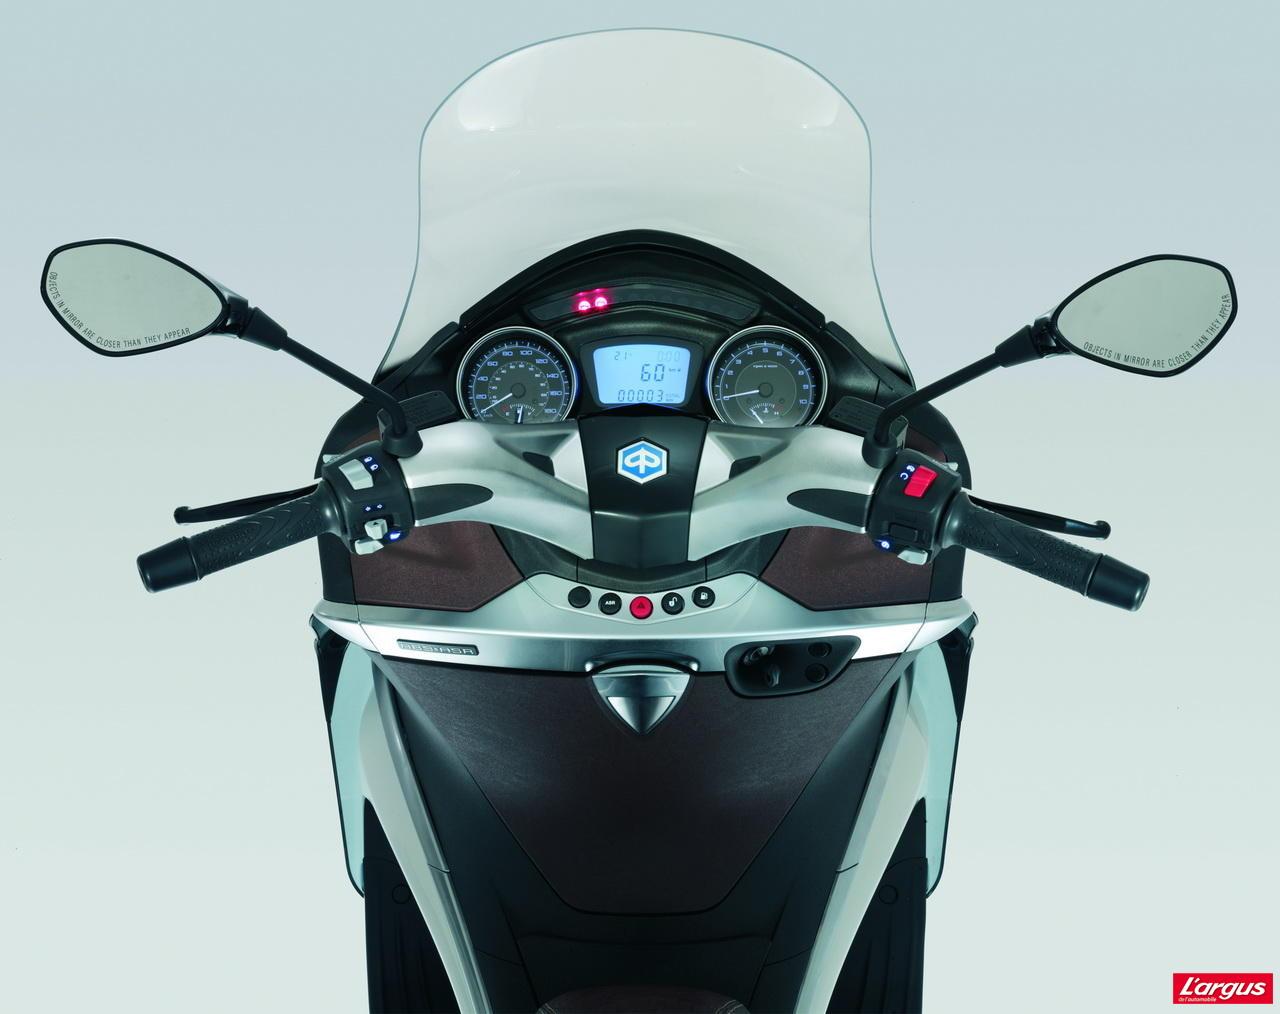 piaggio x10 le retour du maxi scooter 125 photo 9 l 39 argus. Black Bedroom Furniture Sets. Home Design Ideas